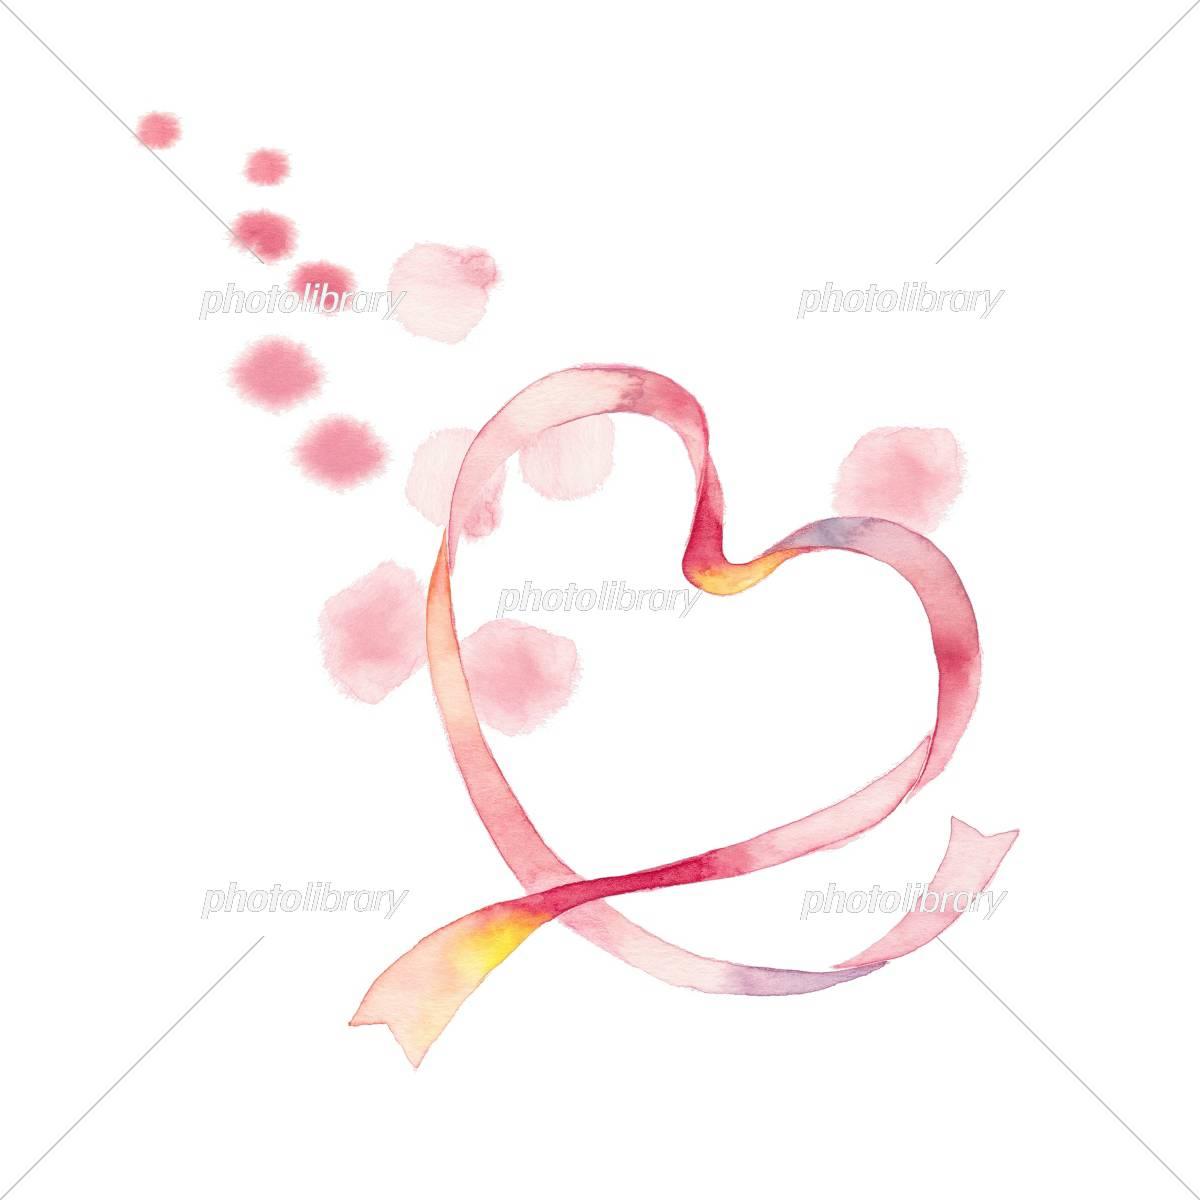 ハートリボン ピンク 水玉 イラスト素材 [ 5305694 ] - フォトライブ